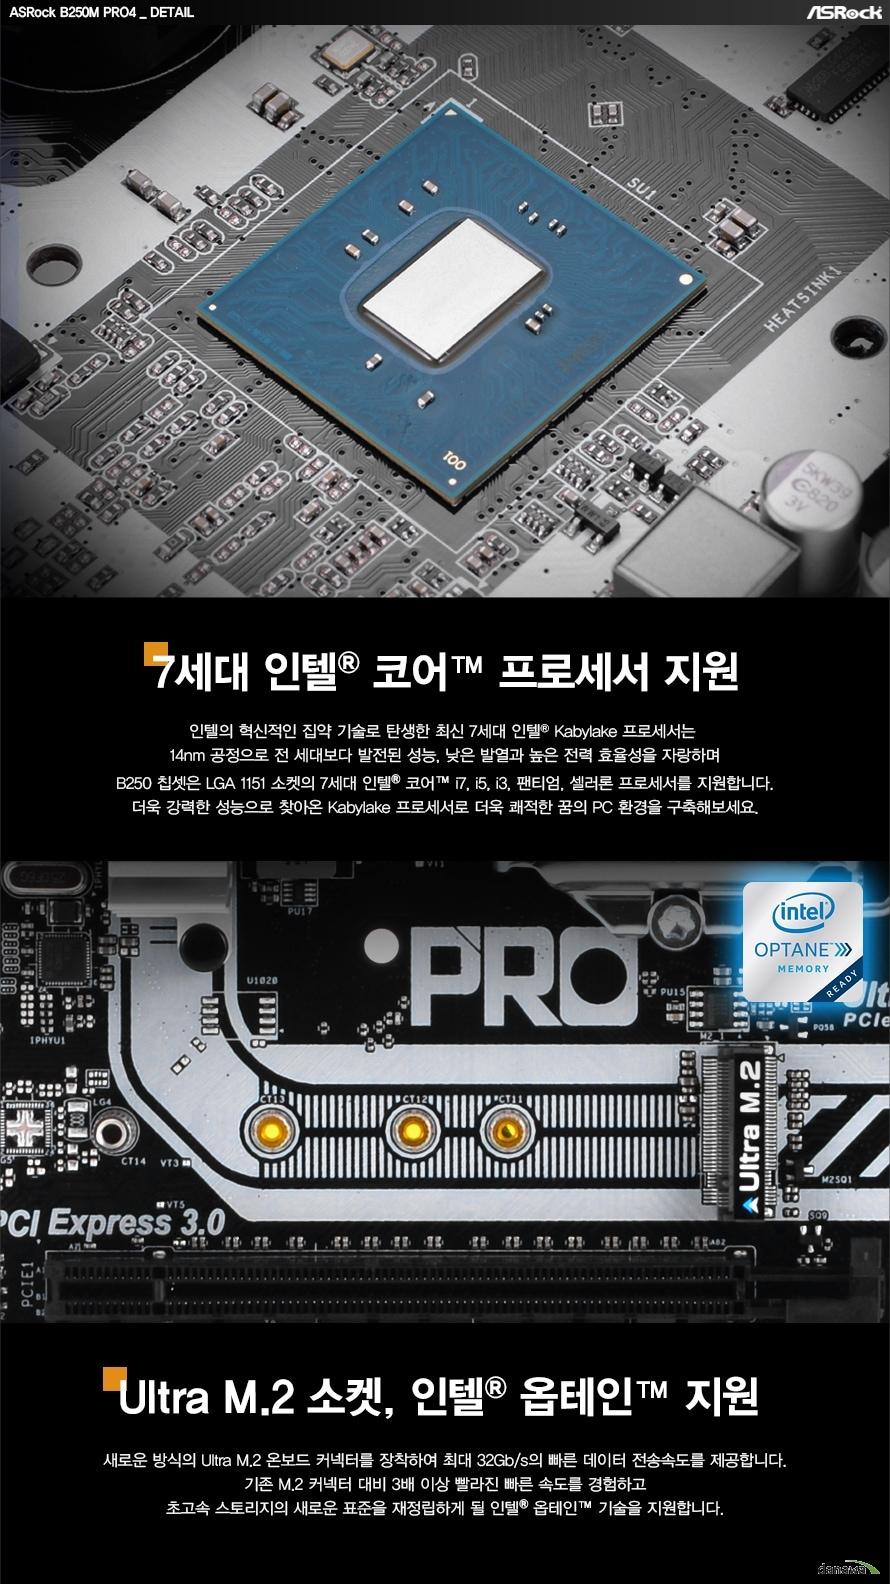 7세대 인텔 코어 프로세서 지원인텔의 혁신적인 집약 기술로 탄생한 최신 7세대 인텔 Kabylake 프로세서는 14nm 공정으로 전 세대보다 발전된 성능, 낮은 발열과 높은 전력 효율성을 자랑하며 B250M 칩셋은 LGA 1151 소켓의 7세대 인텔 코어 i7, i5, i3, 팬티엄, 셀러론 프로세서를 지원합니다. 더욱 강력한 성능으로 찾아온 Kabylake 프로세서로 더욱 쾌적한 꿈의 PC환경을 구축해보세요.Ultra M.2 소켓, 인텔 옵테인 지원새로운 방식의 Ultra M.2 온보드 커넥터를 장착하여 최대 32Gb/s의 빠른 데이터 전송속도를 제공합니다. 기존 M.2 커넥터 대비 3배 이상 빨라진 속도를 경험하고 초고속 스토리지의 새로운 표준을 재정립하게 될 인텔 옵테인기술을 지원합니다.